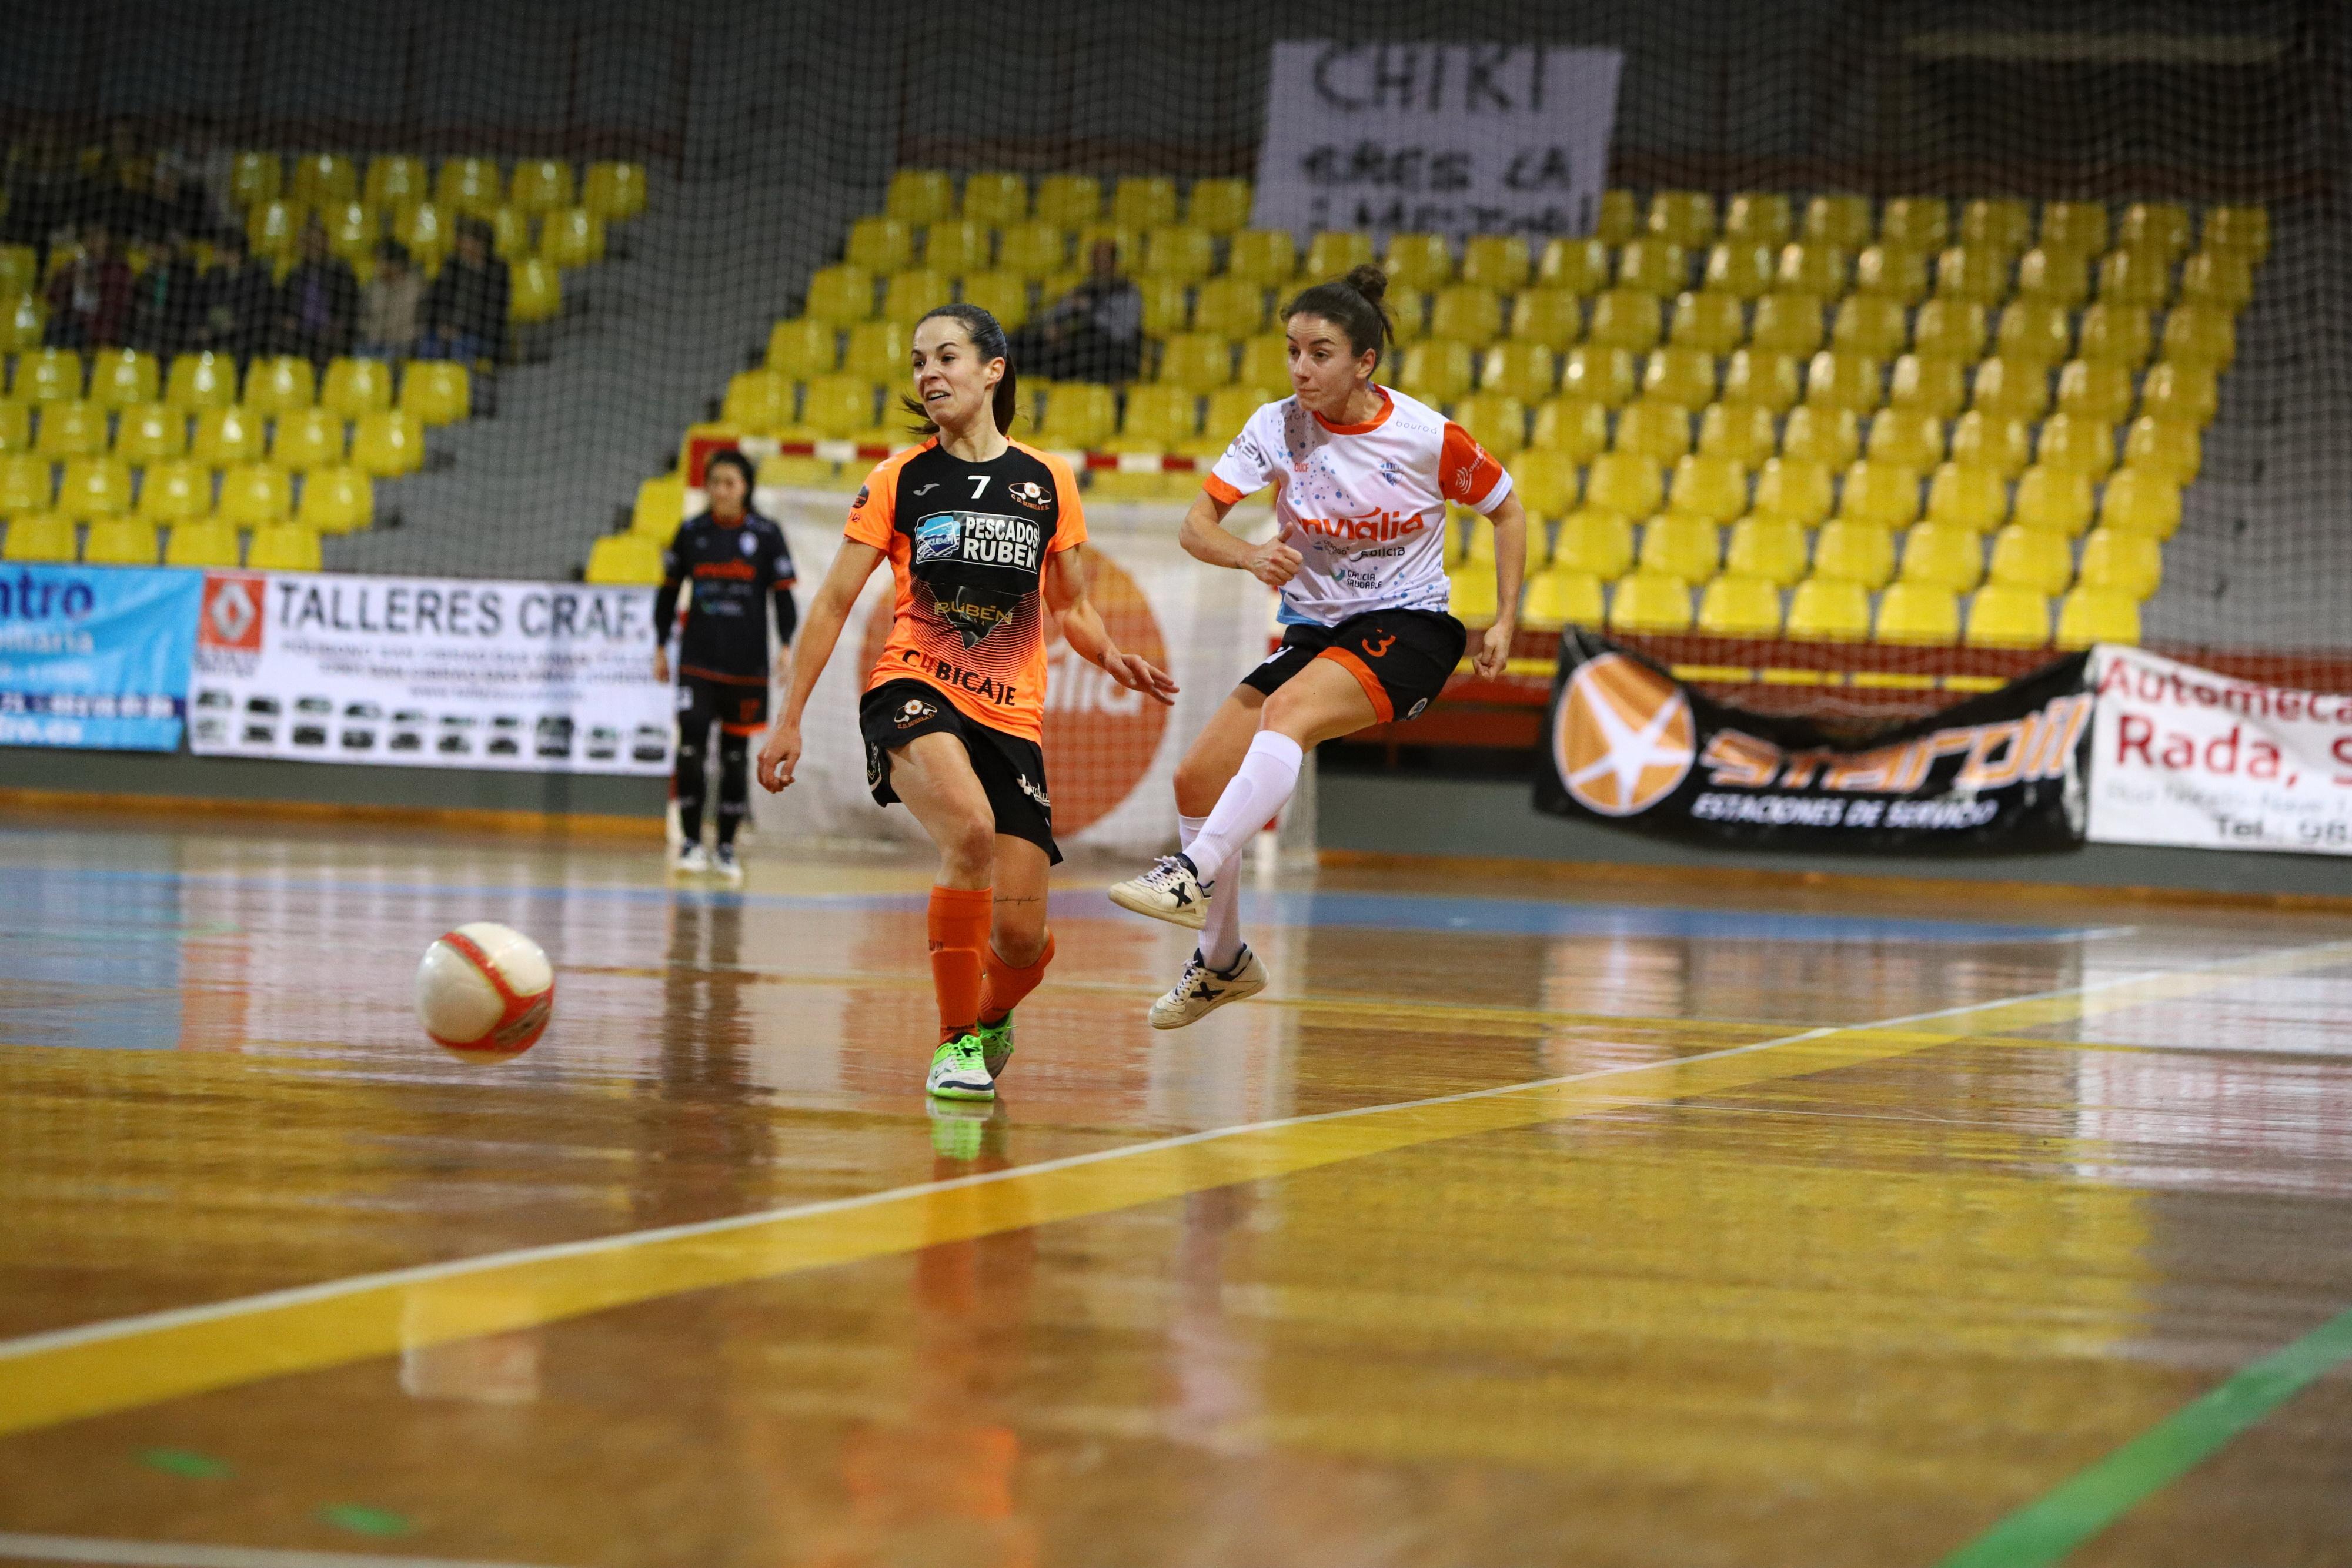 """Chiky (Jugadora de Ourense Envialia FSF):""""La clave está en la unión del grupo, la confianza en todas y en el trabajo y la constancia del día a día."""""""